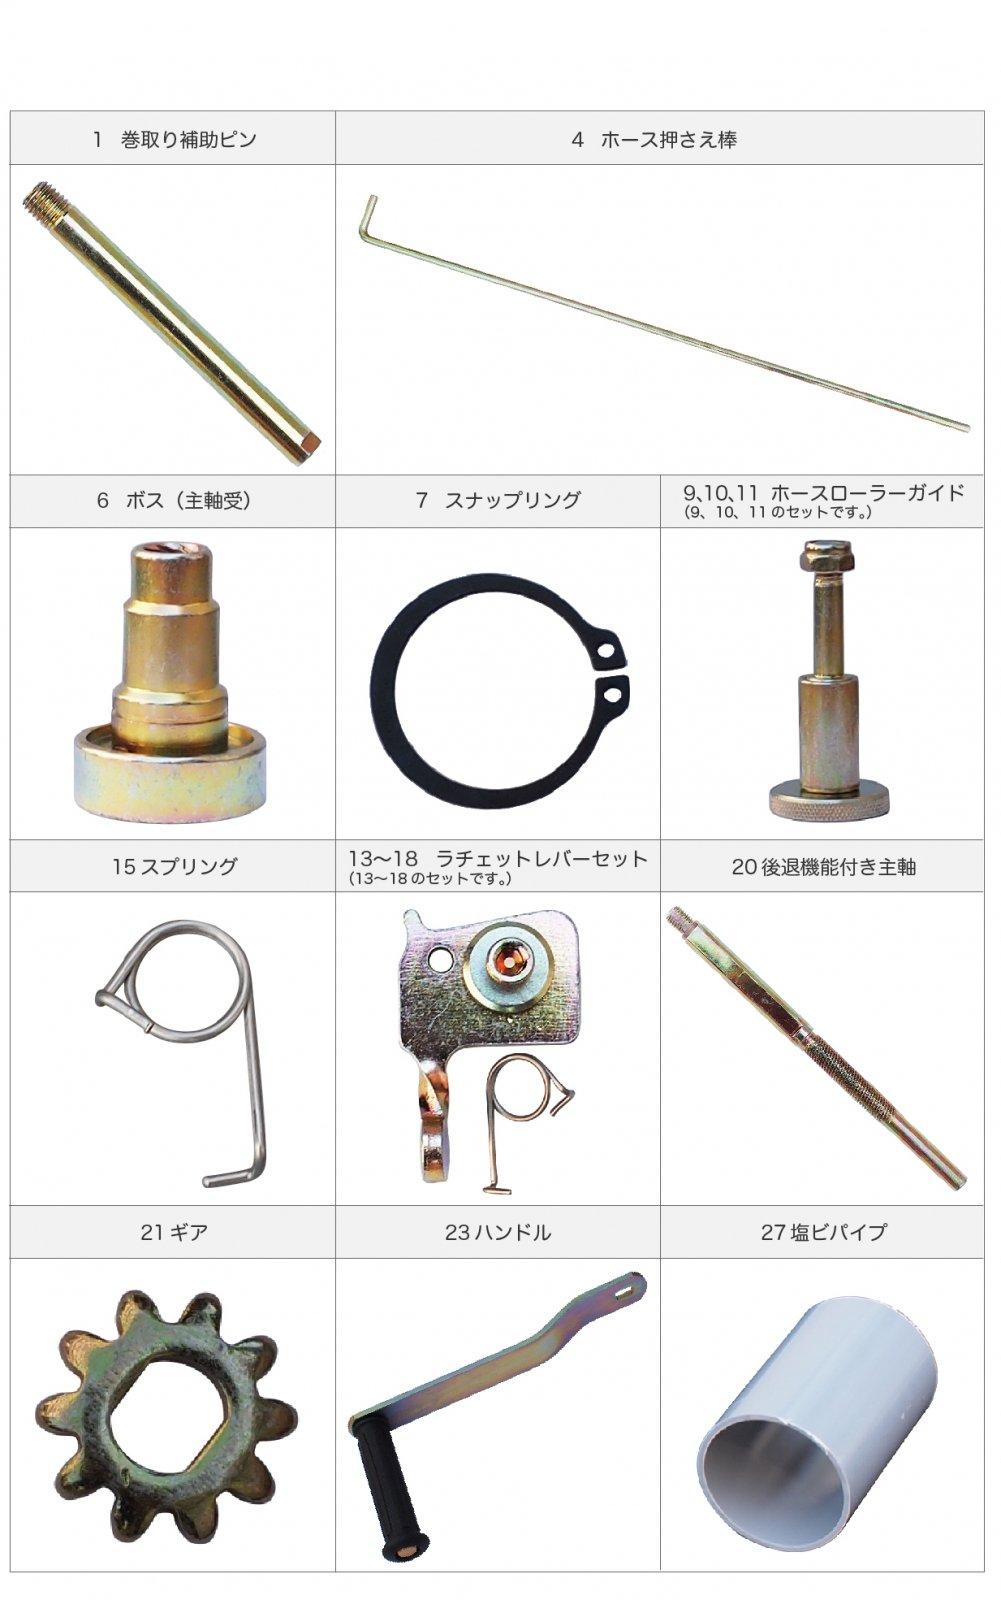 消防ホース巻取機 タコマンV2用部品(修理用)【画像2】